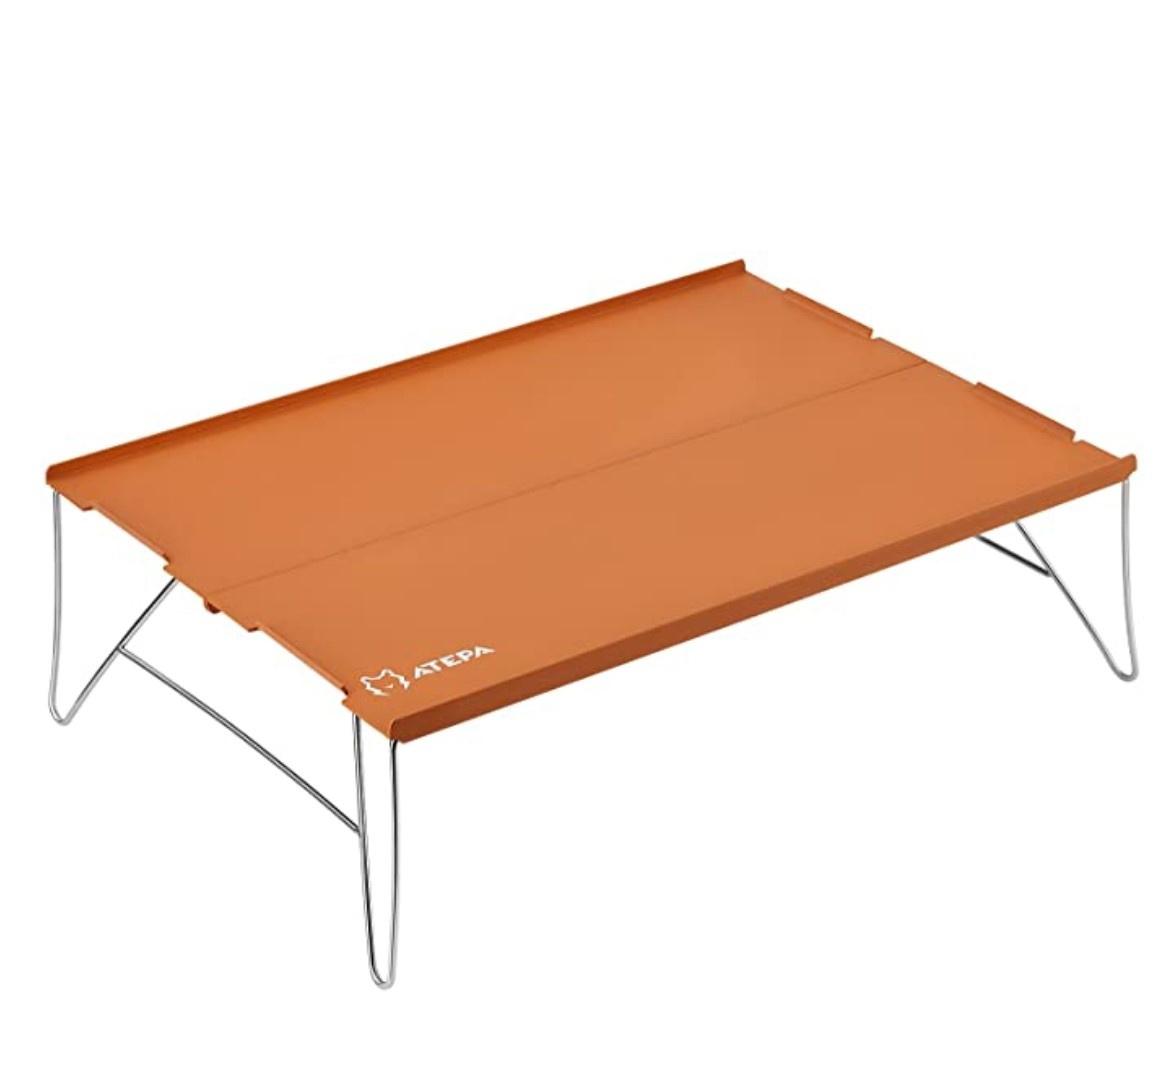 ATEPA 折りたたみミニテーブル